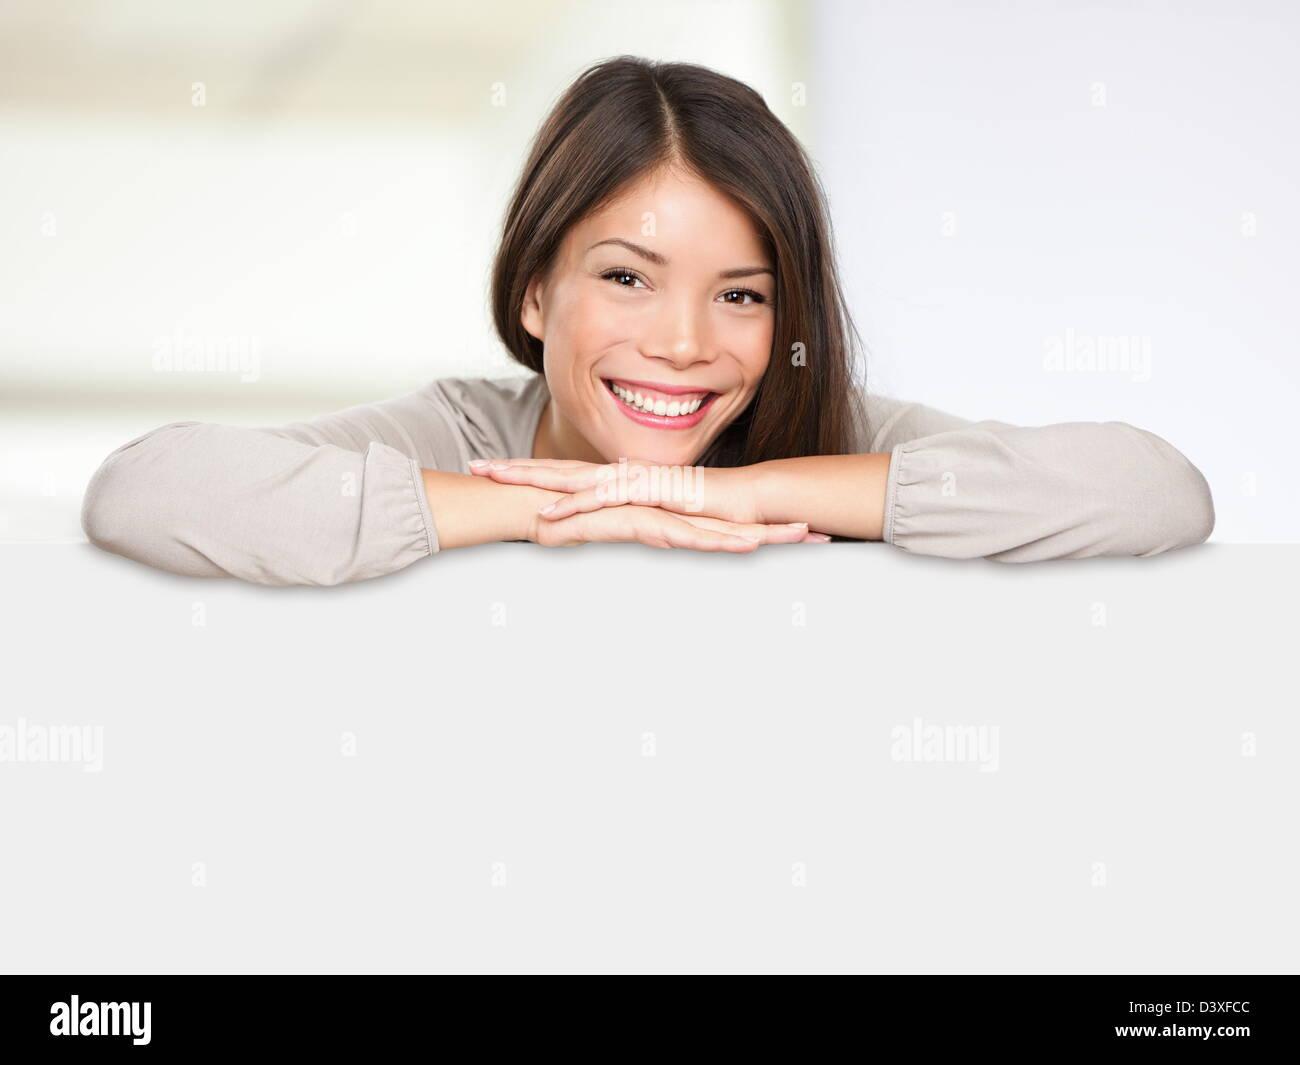 Relajado multiétnica de raza mixta, Asiáticos y Caucásicos mujer vistiendo casual apoyándose Imagen De Stock